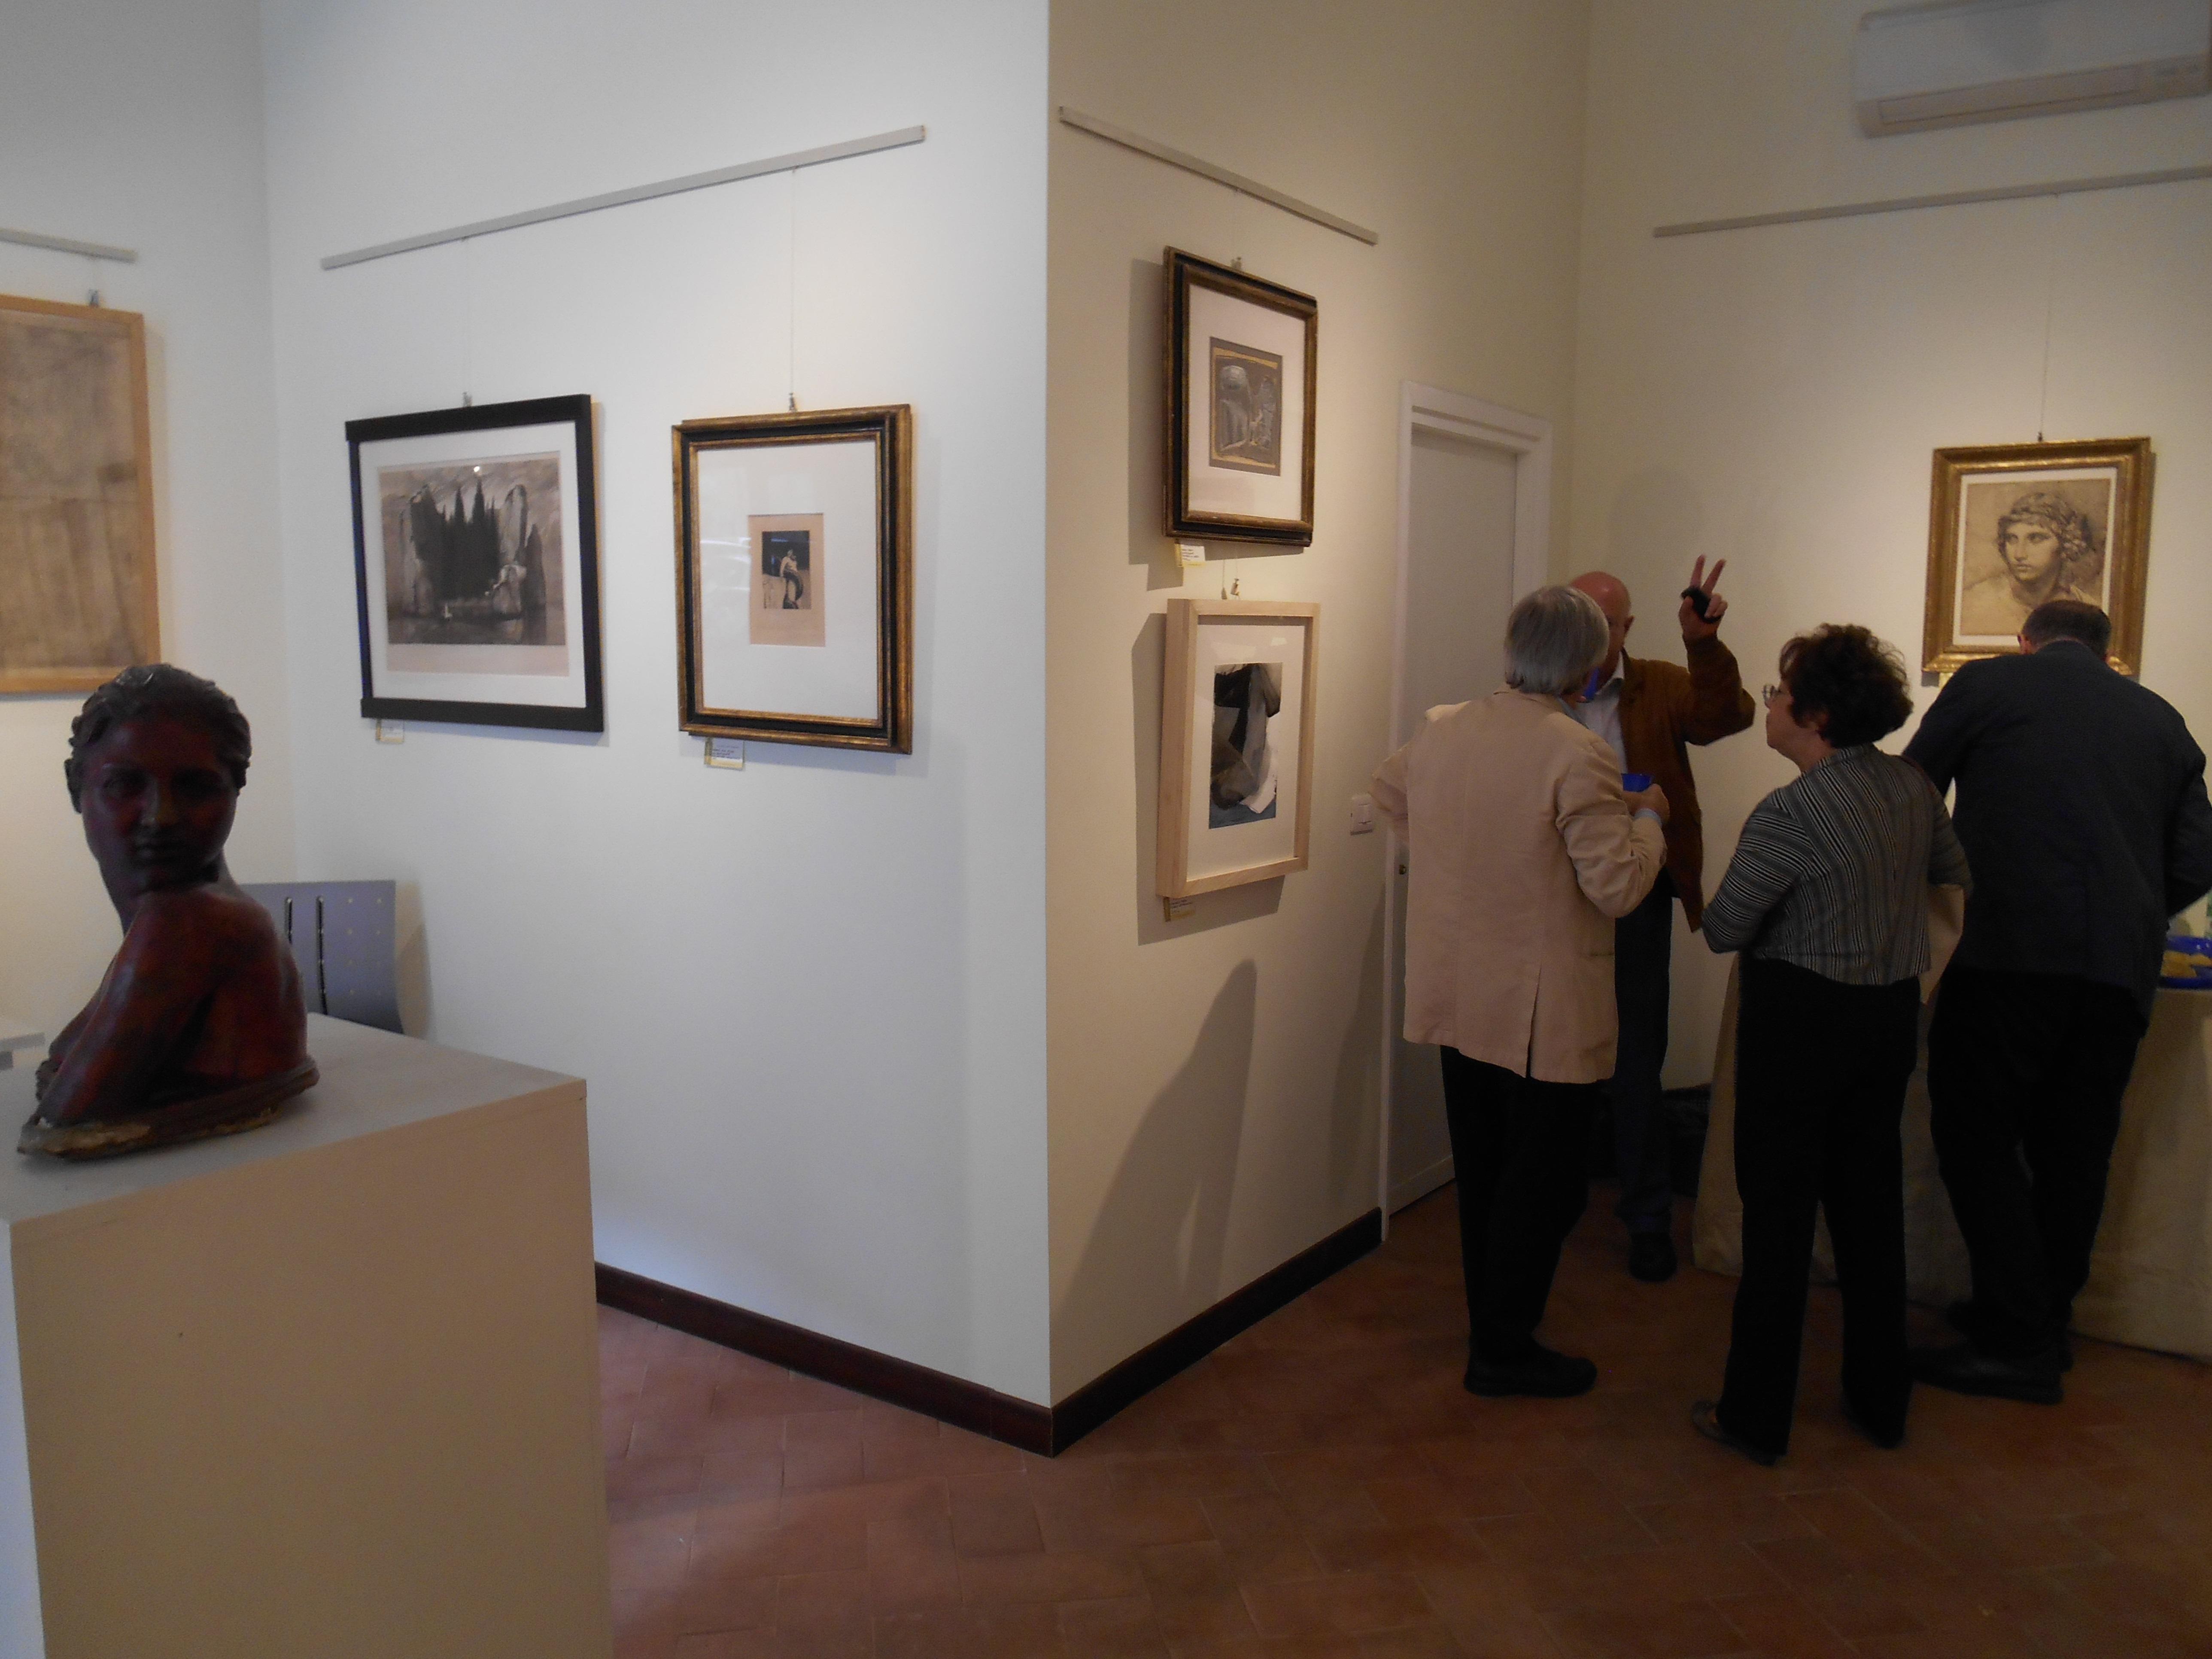 Una mostra su Duilio Cambellotti e uno stand ad Arte Fiera. La galleria romana Aleandri cambia sede e inaugura la nuova stagione